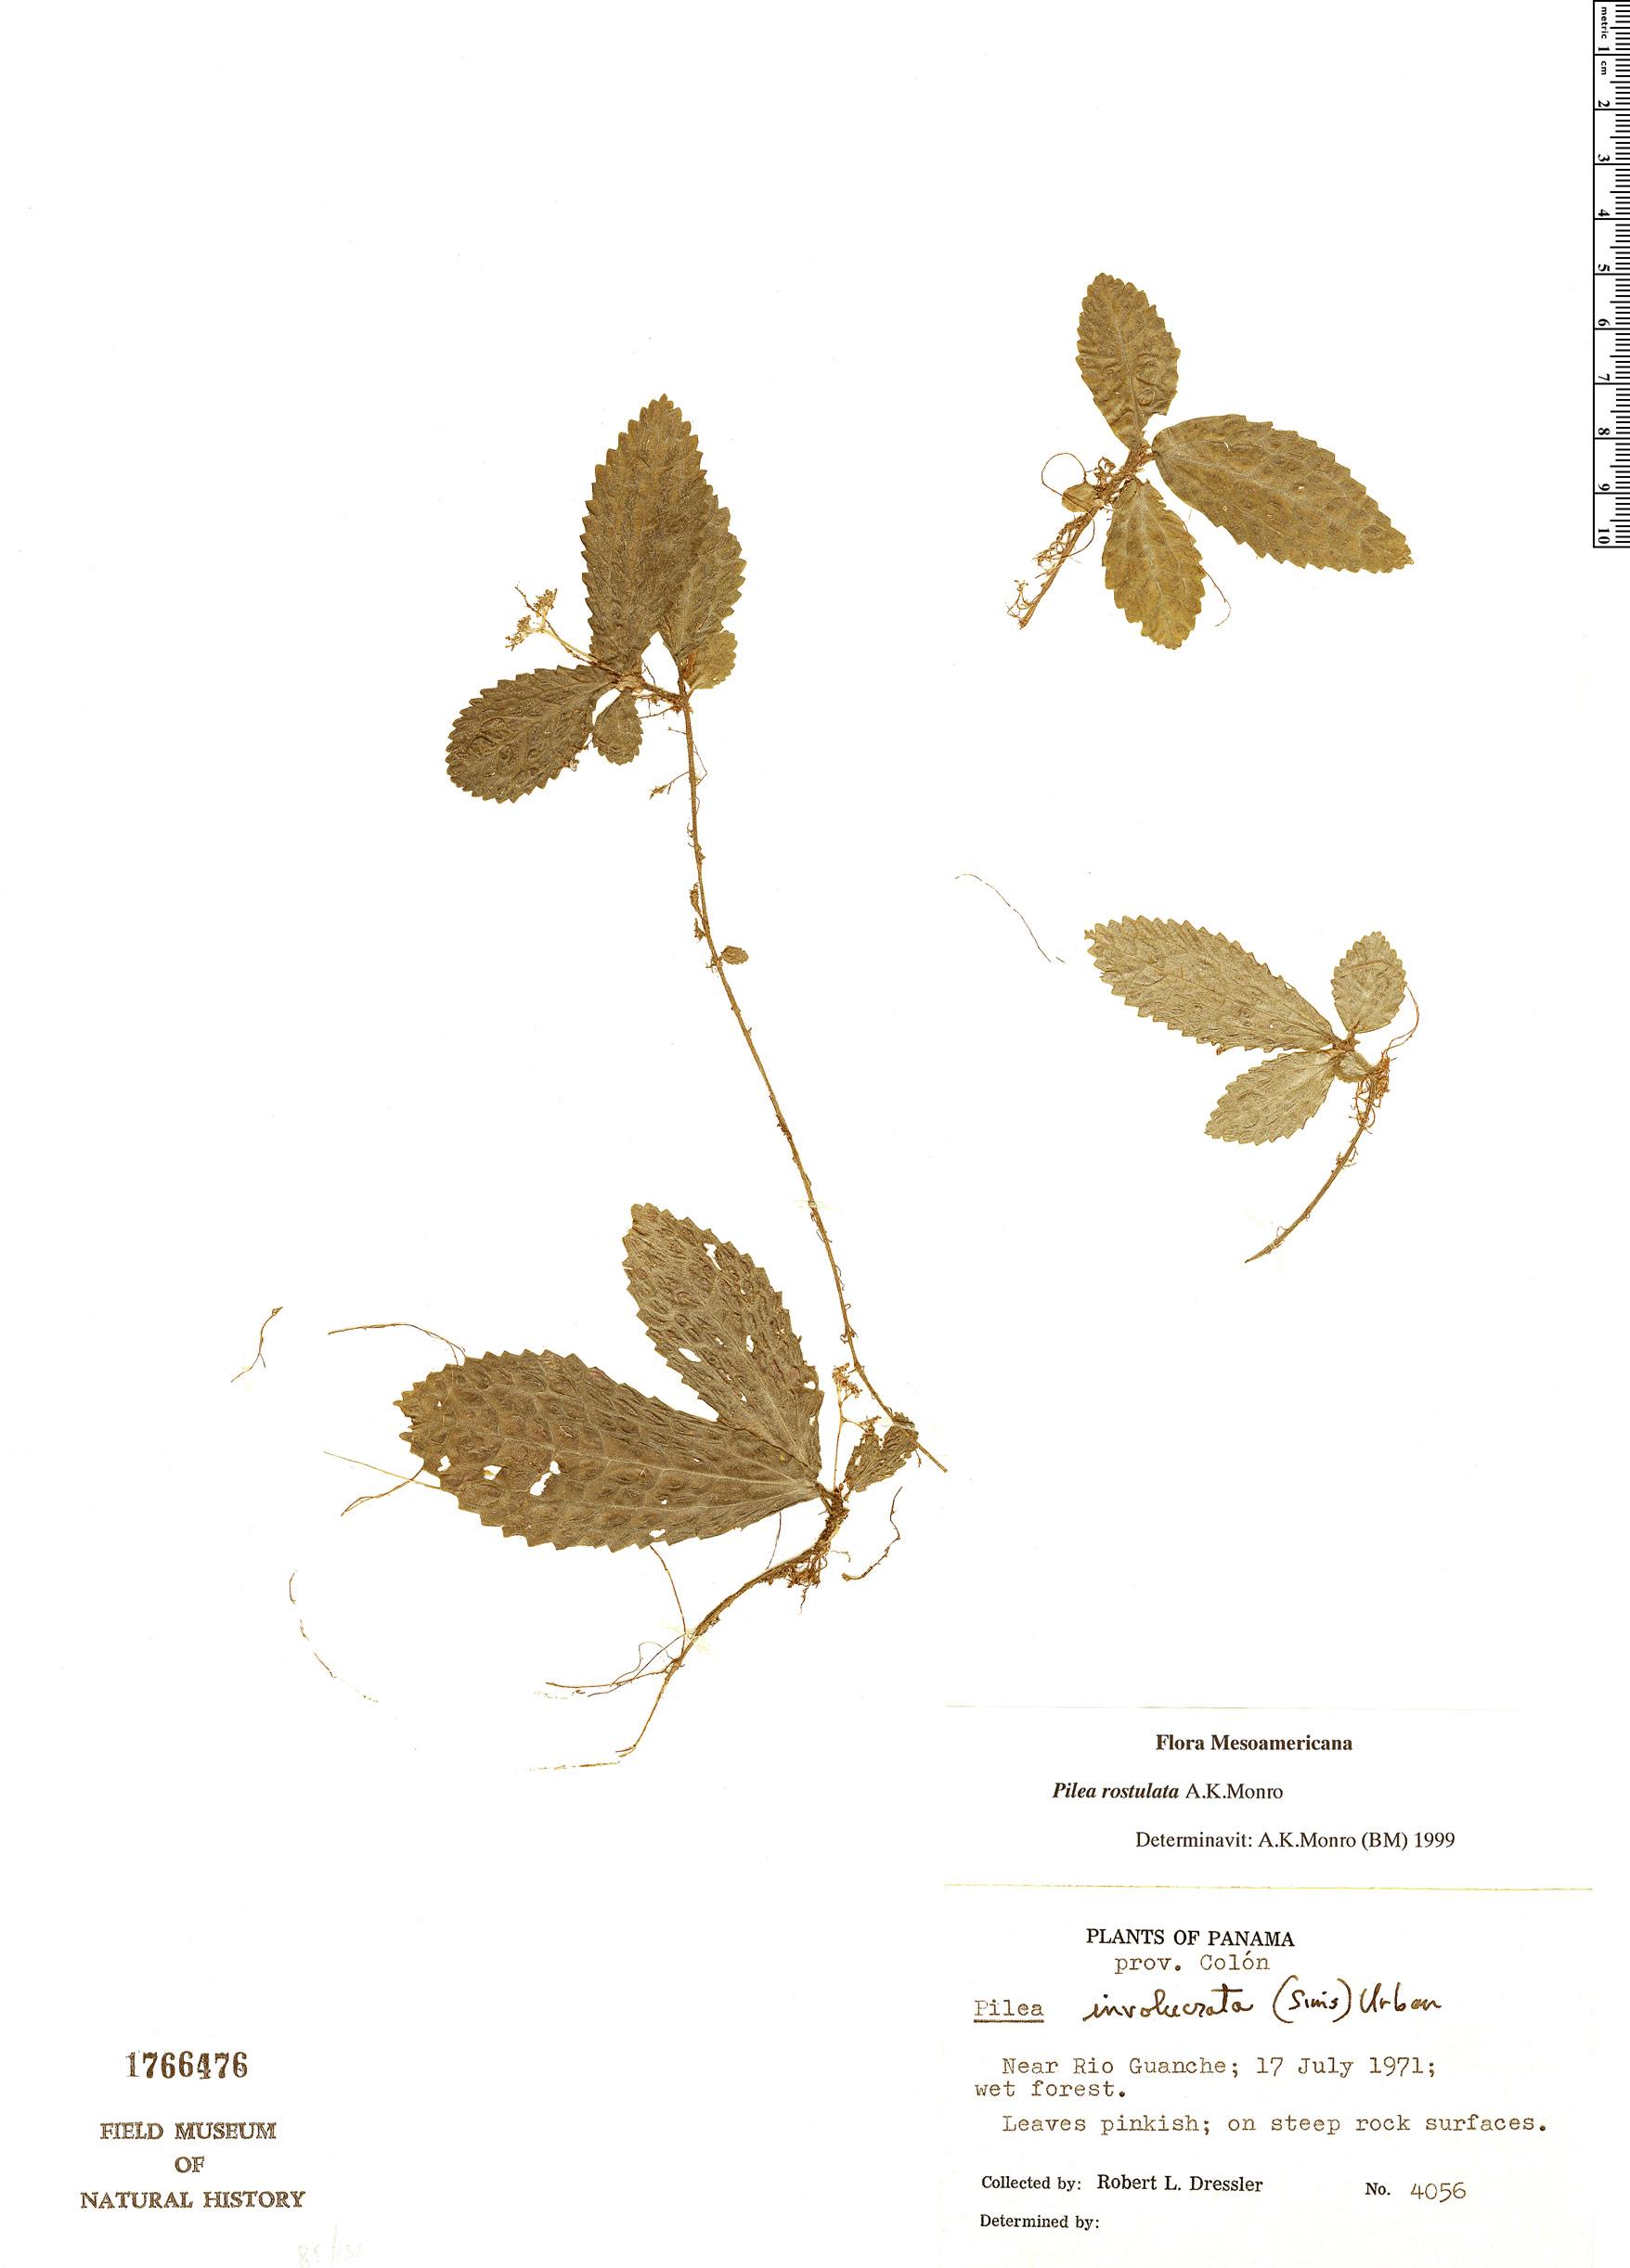 Specimen: Pilea rostulata